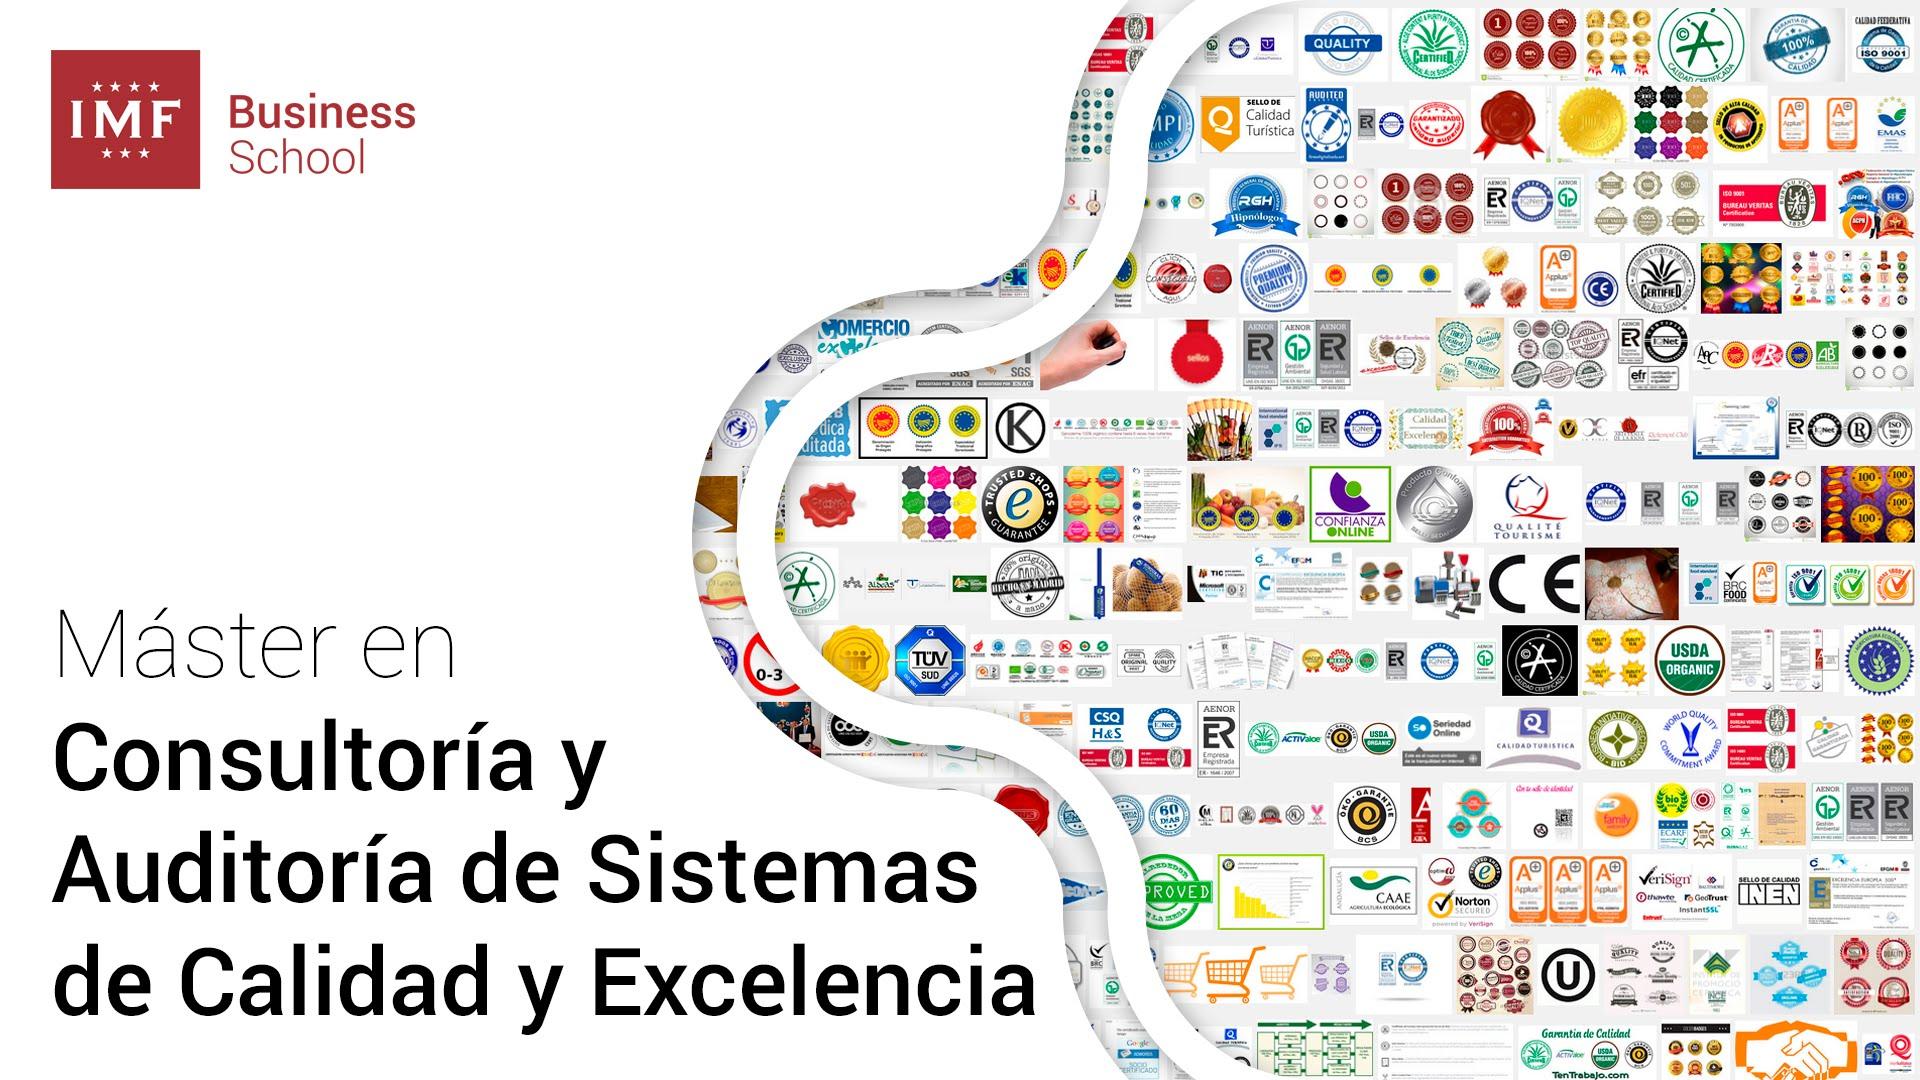 IMF: Máster en Consultoría y Auditoría de Sistemas de Calidad y Excelencia